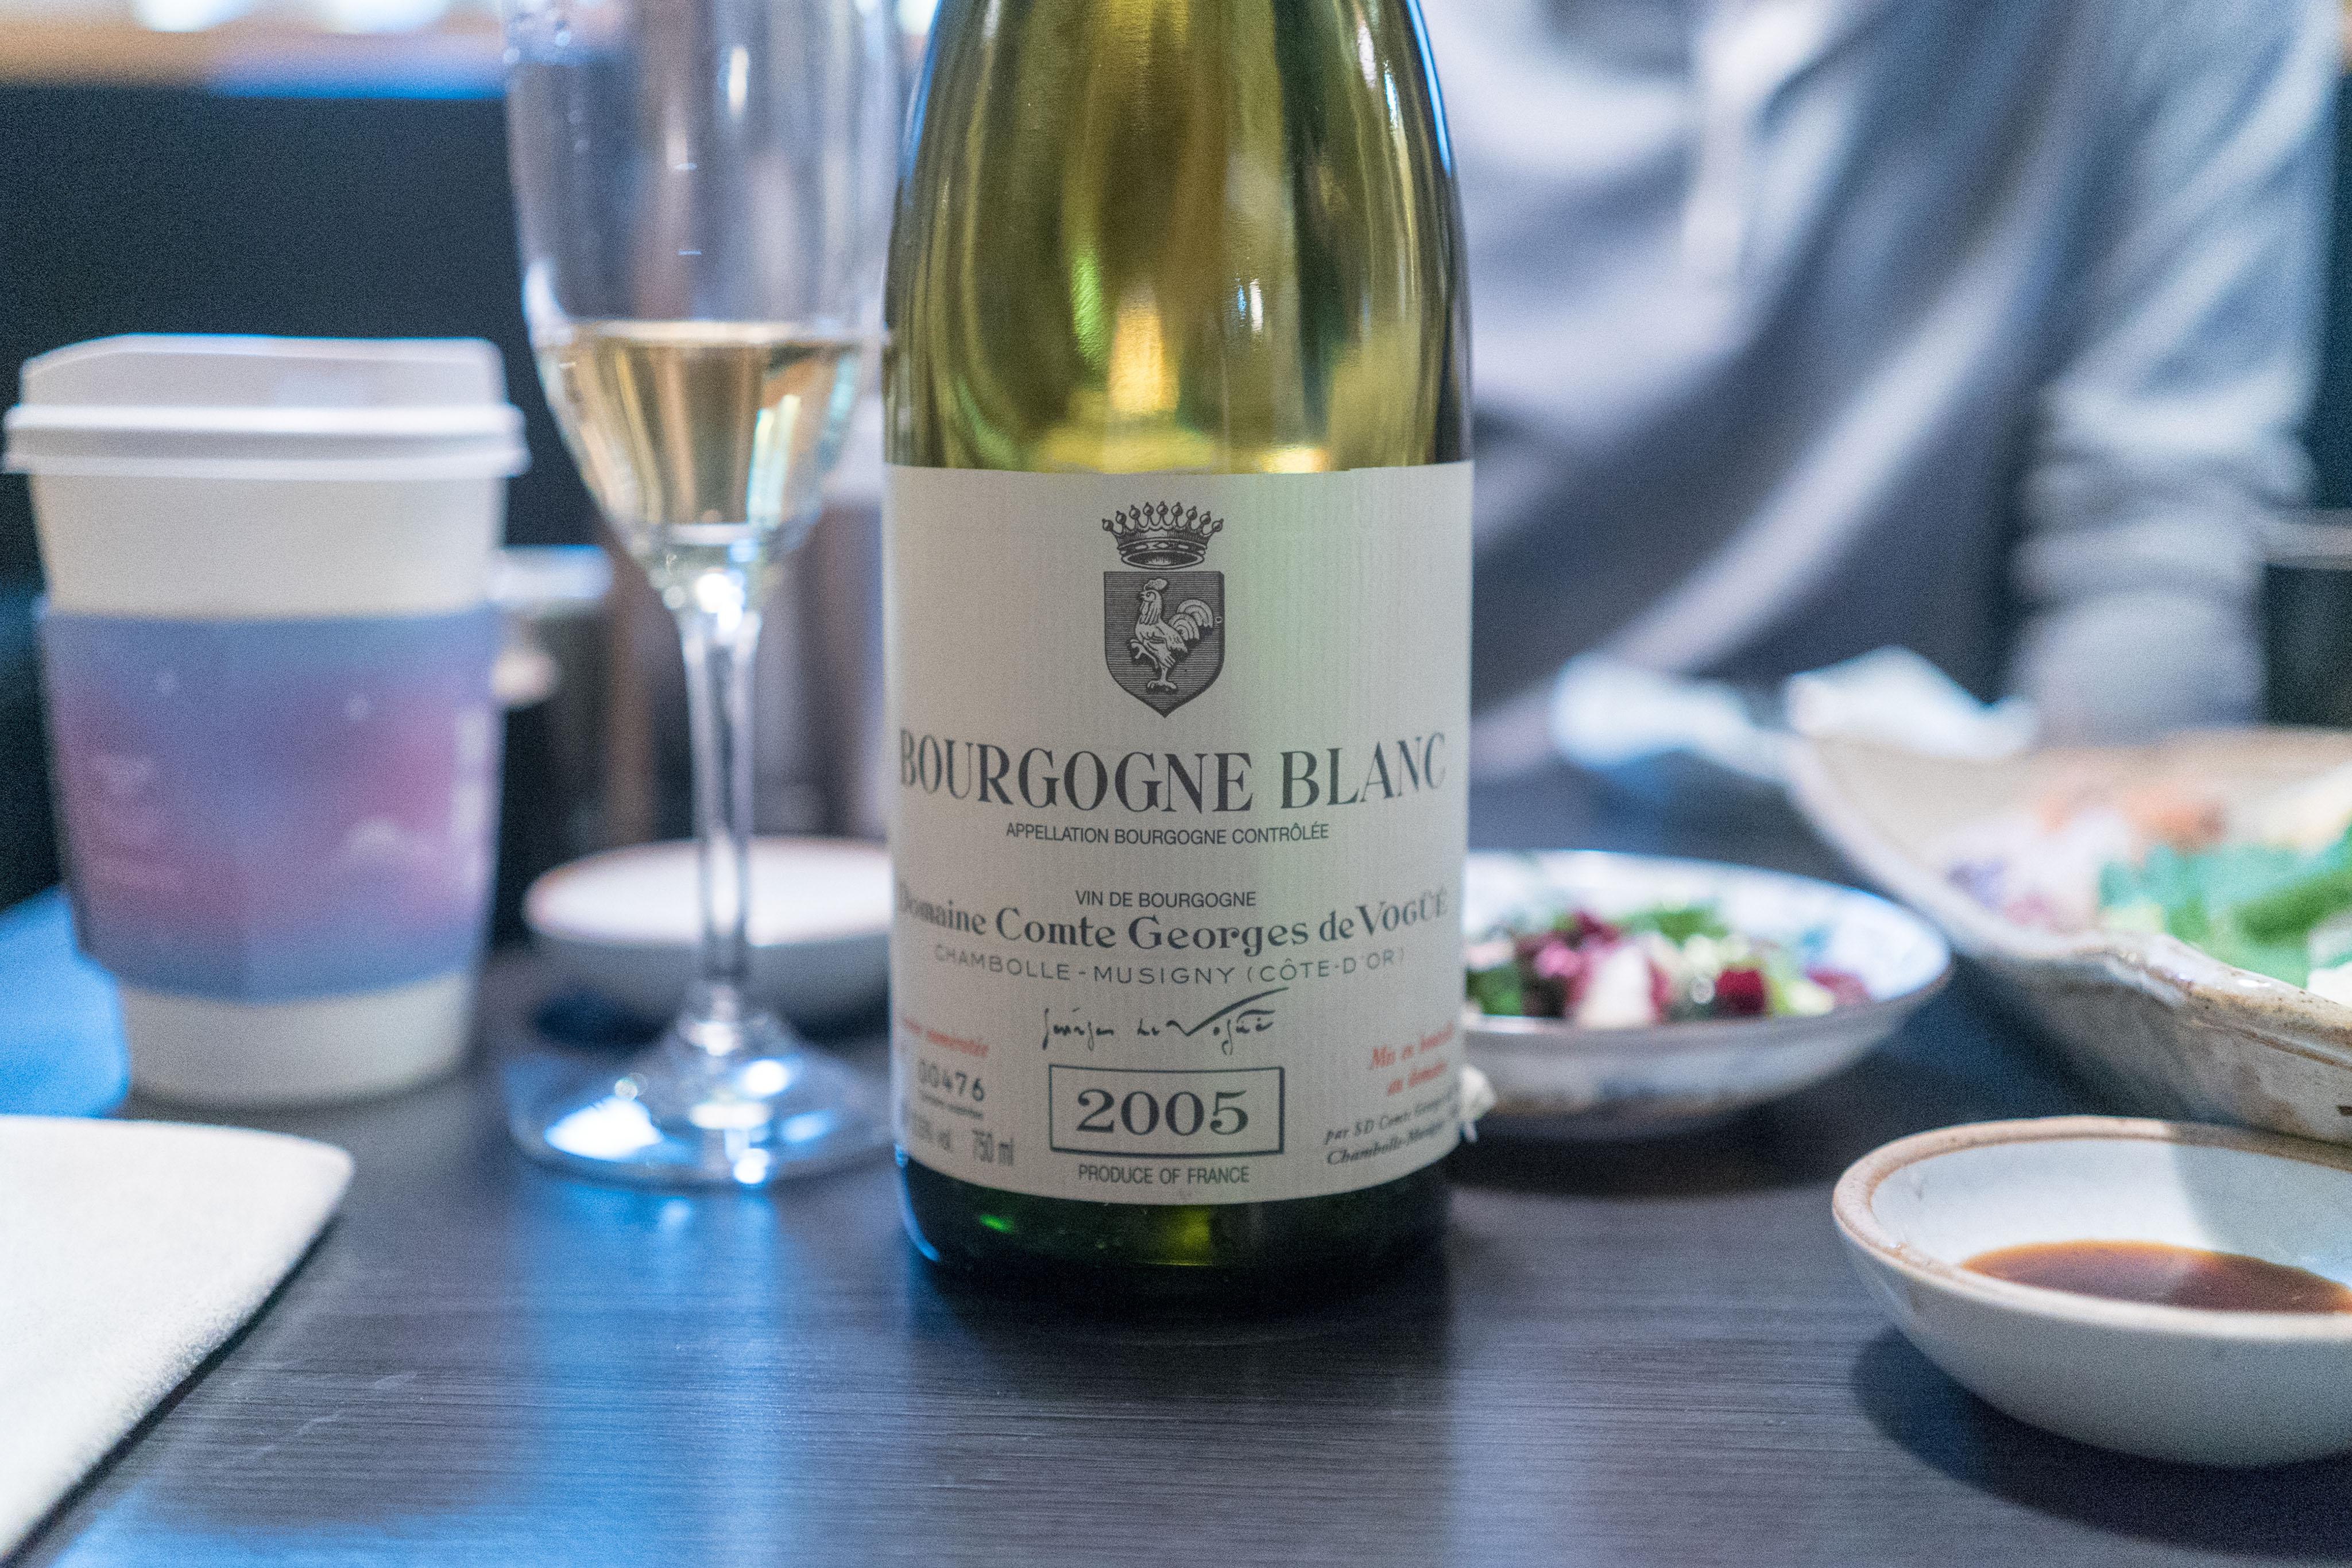 Domaine Comte Georges de Vogue Bourgogne Blanc 2005